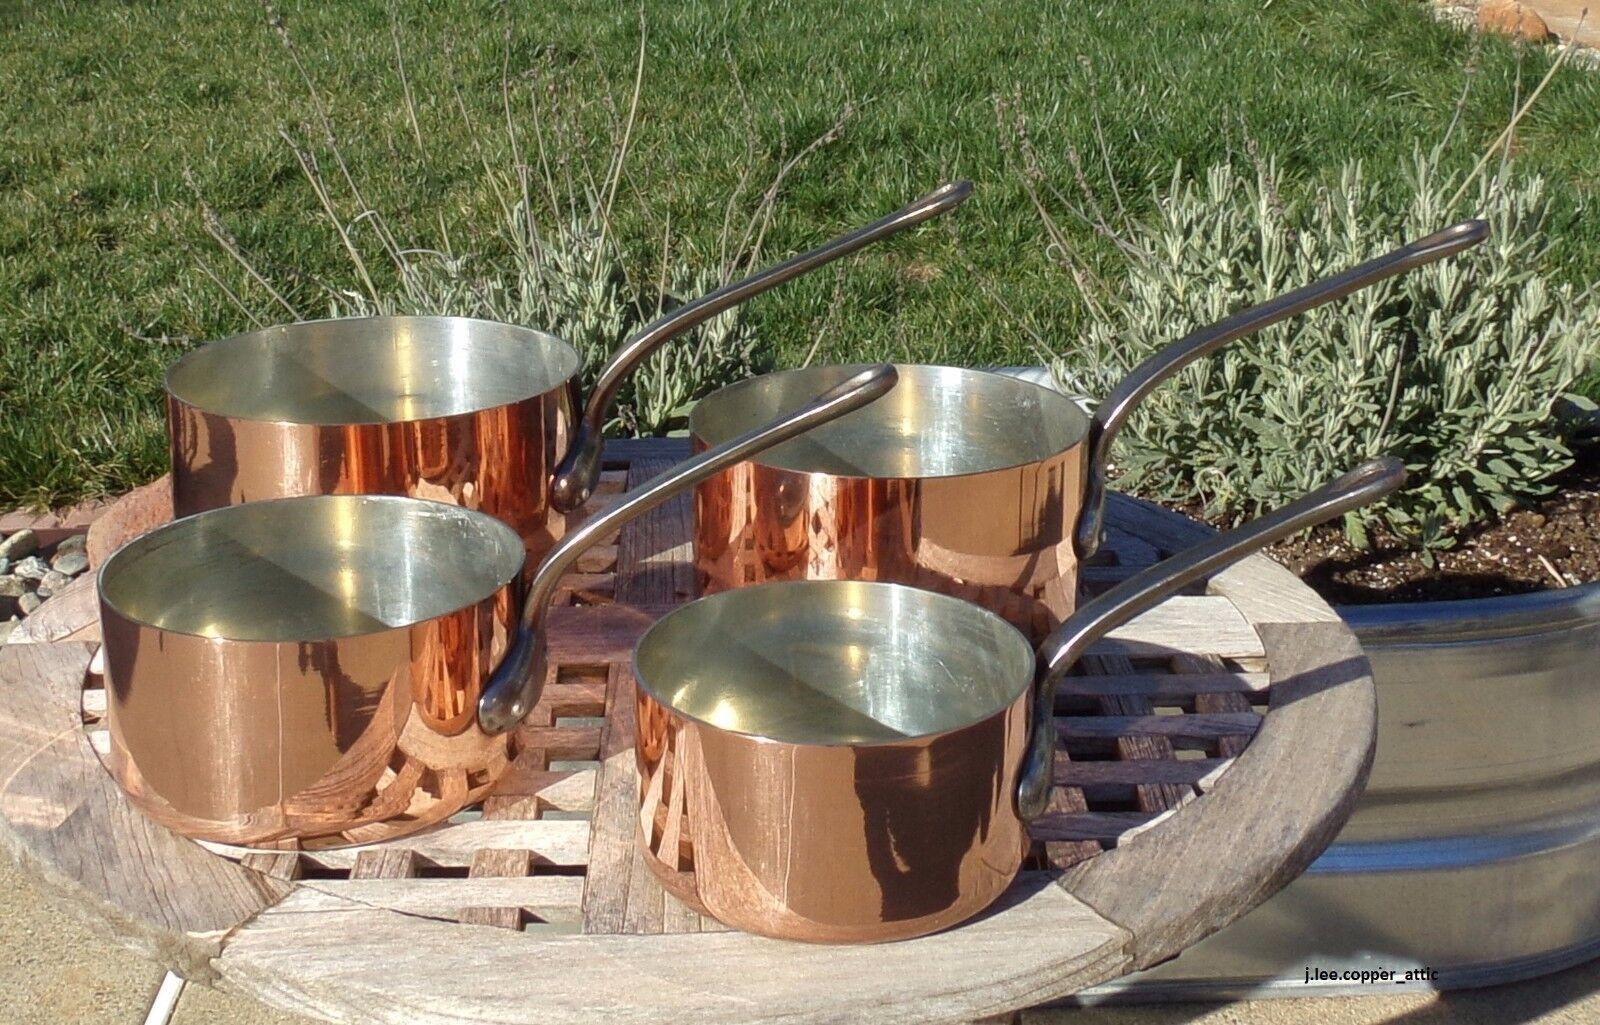 Lot de 4 garanti Villedieu cuivre Casseroles, 2 mm, Made in France